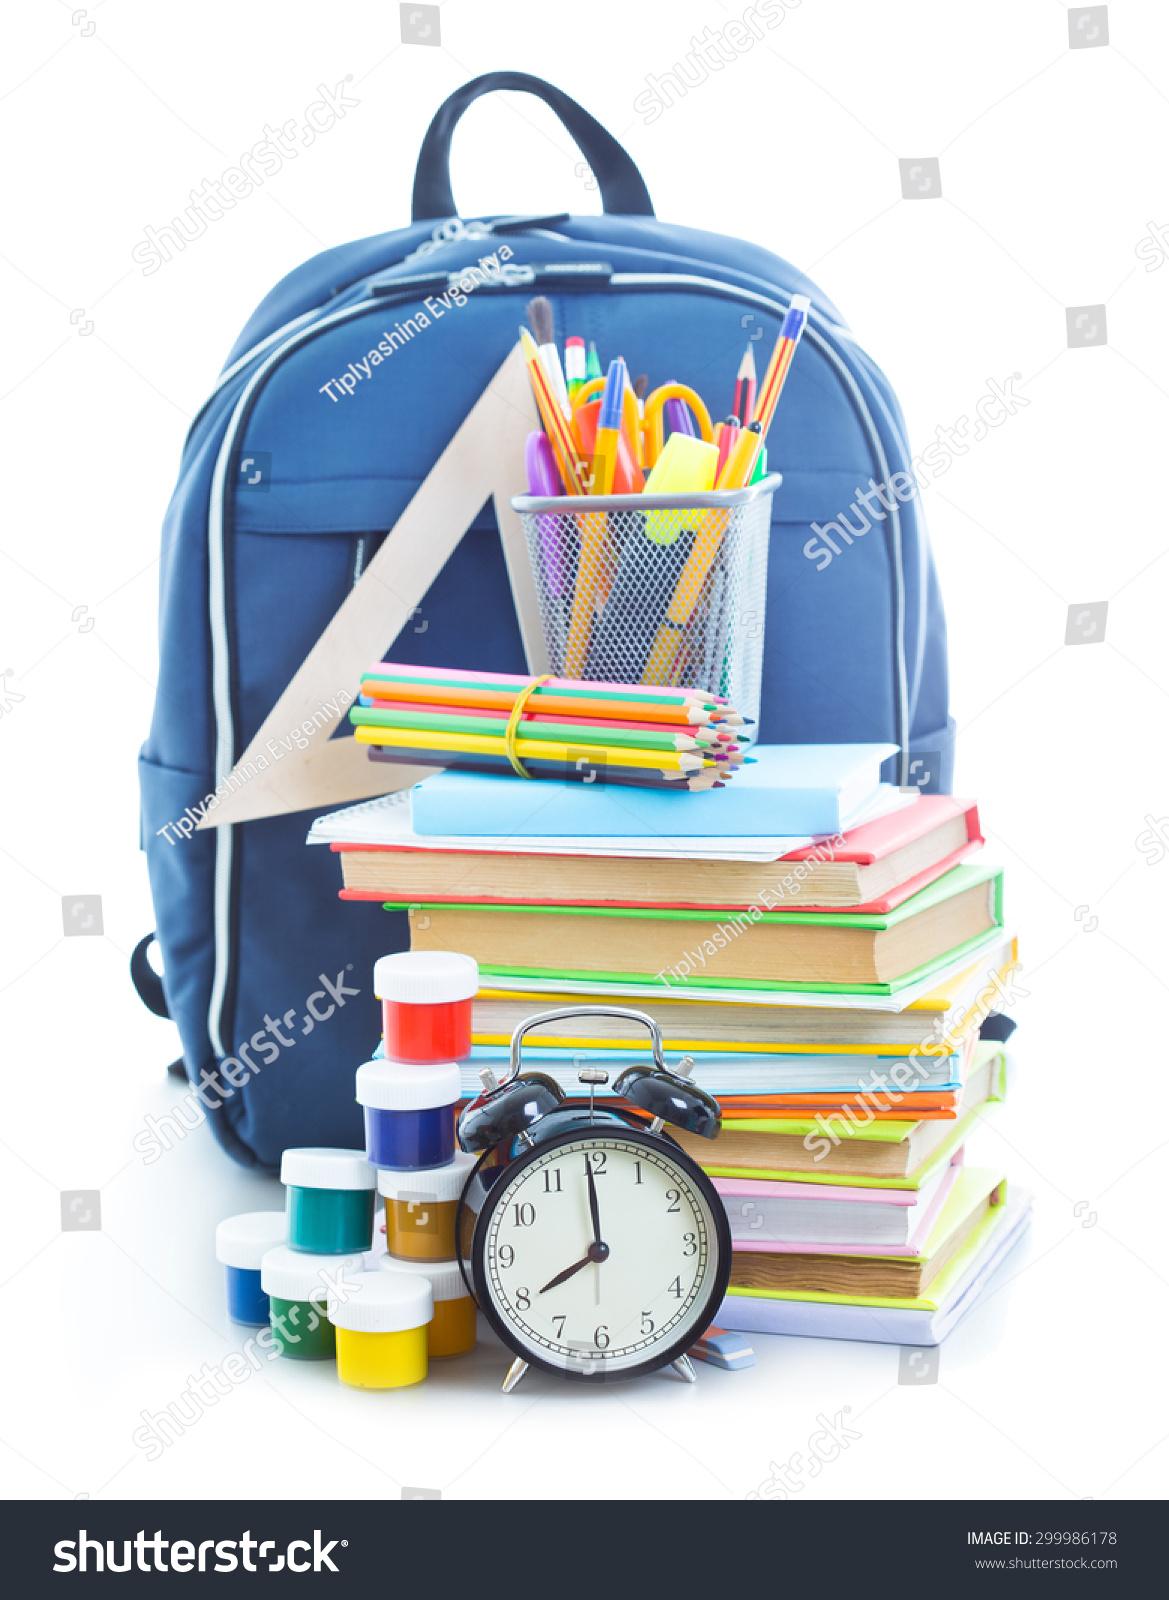 School bag diagram - School Bag With Things For School